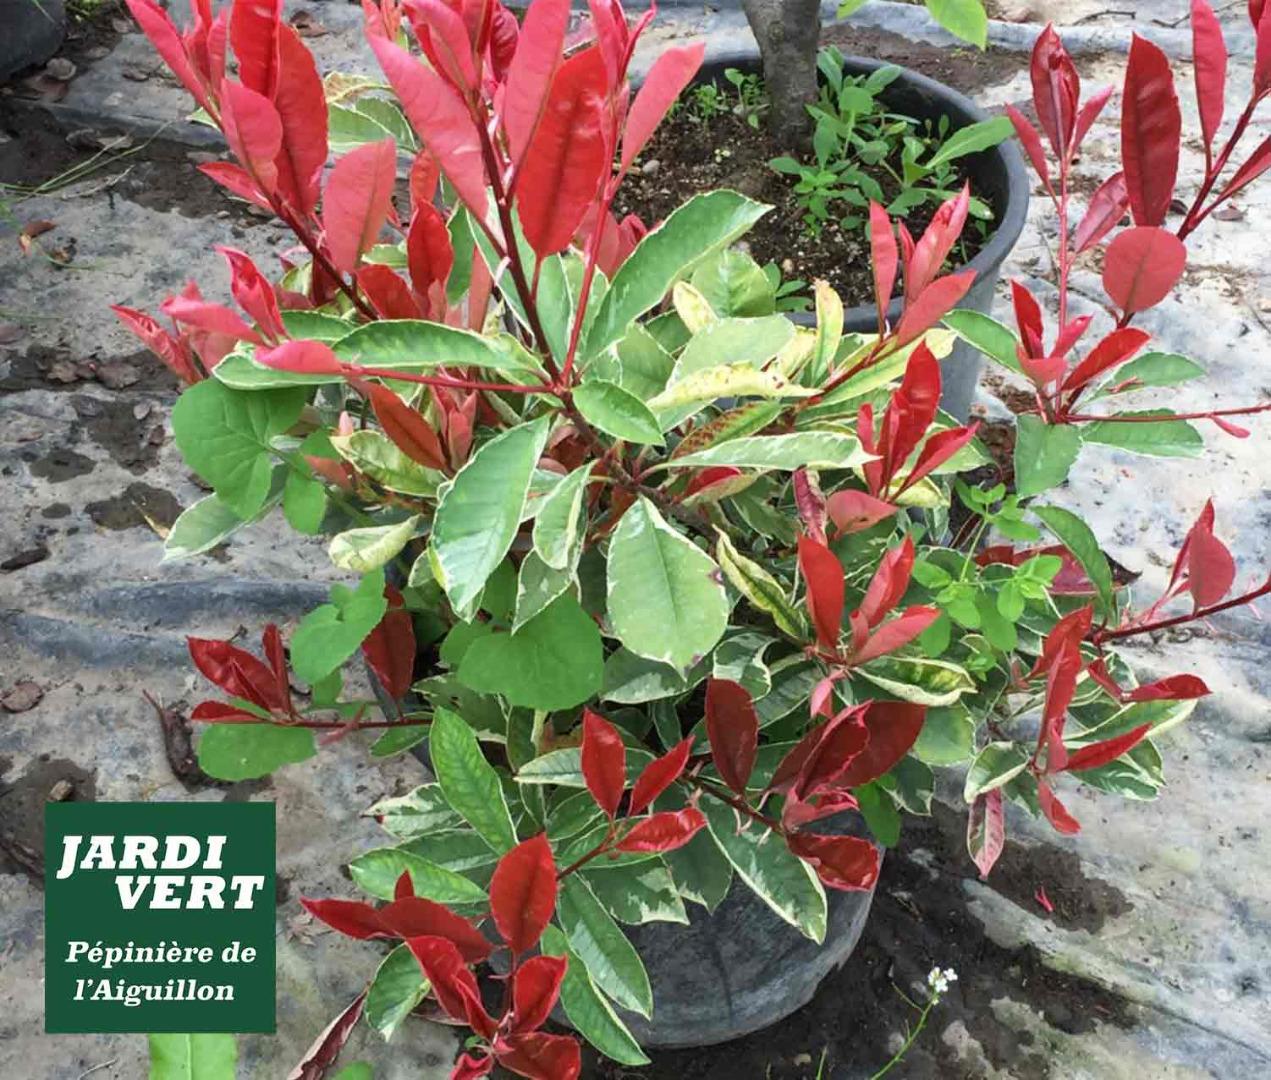 Vente de photina fraseri red robin à feuillage panaché pour haie décorative - Pépinière de l'Aiguillon près de Pibrac, Tournefeuille et Colomiers